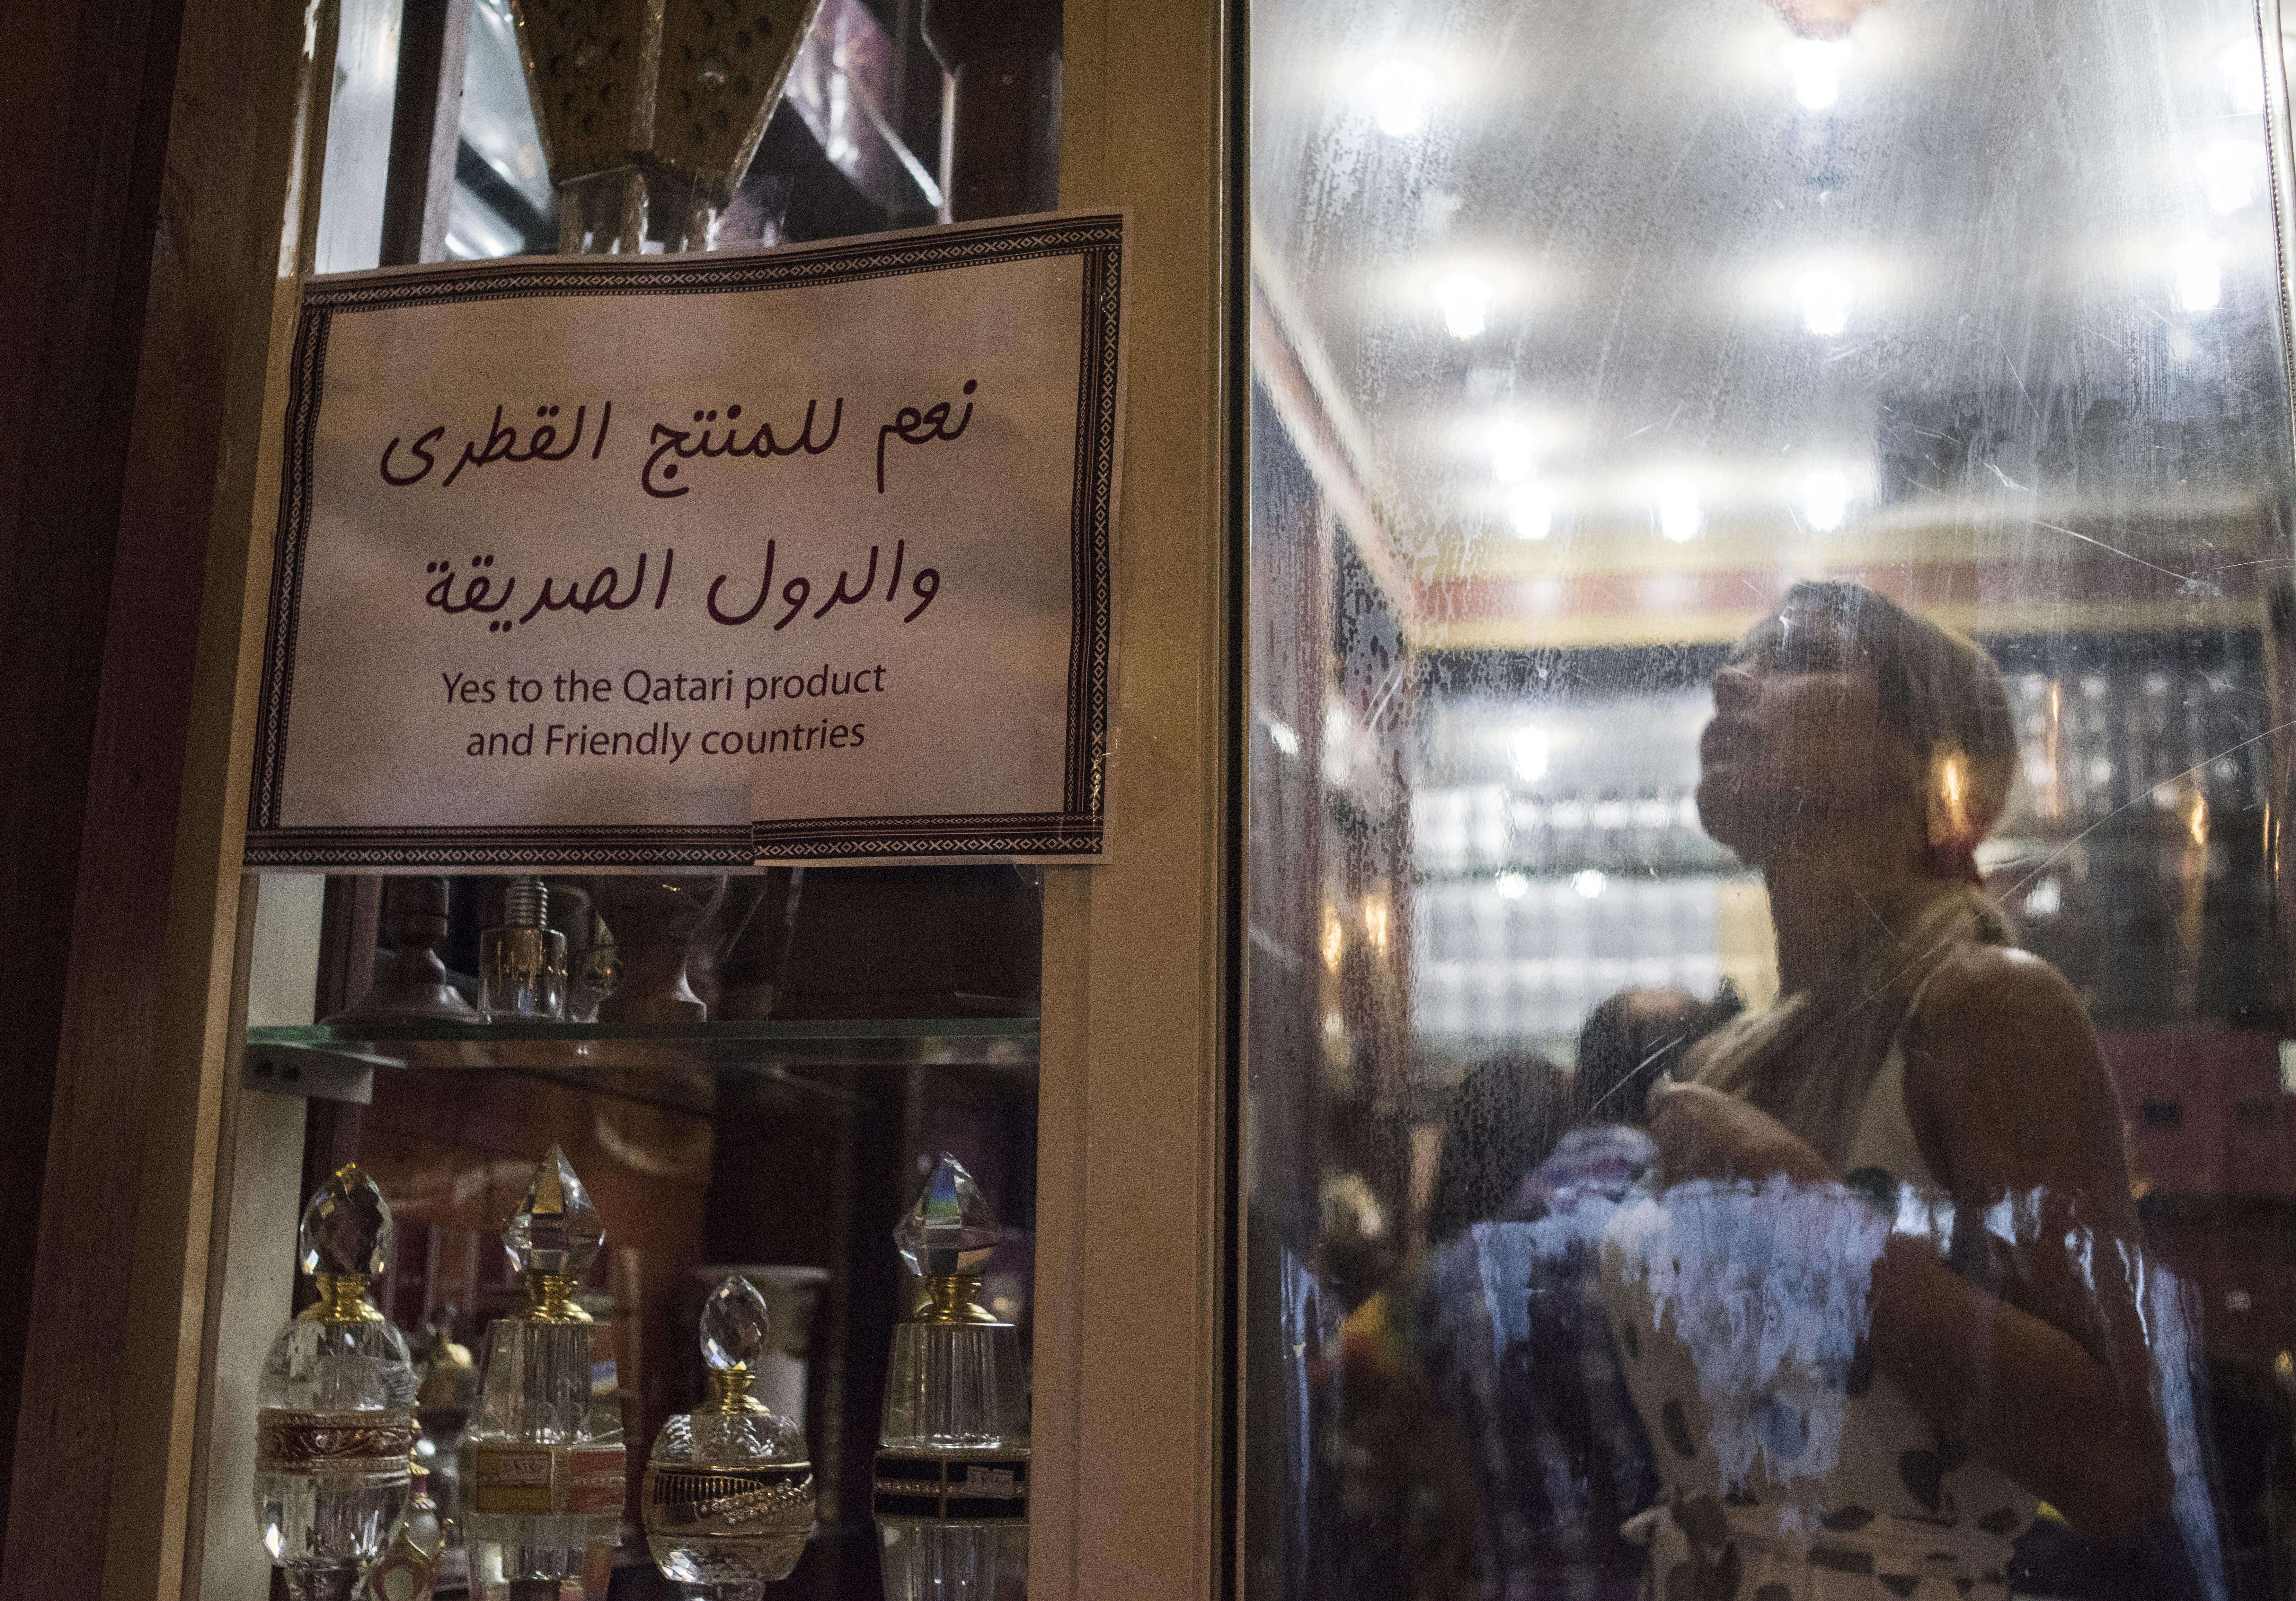 <p><span>Магазин в Дохе с призывом поддержать катарские товары. Фото: &copy; РИА Новости/Валерий Мельников</span></p>